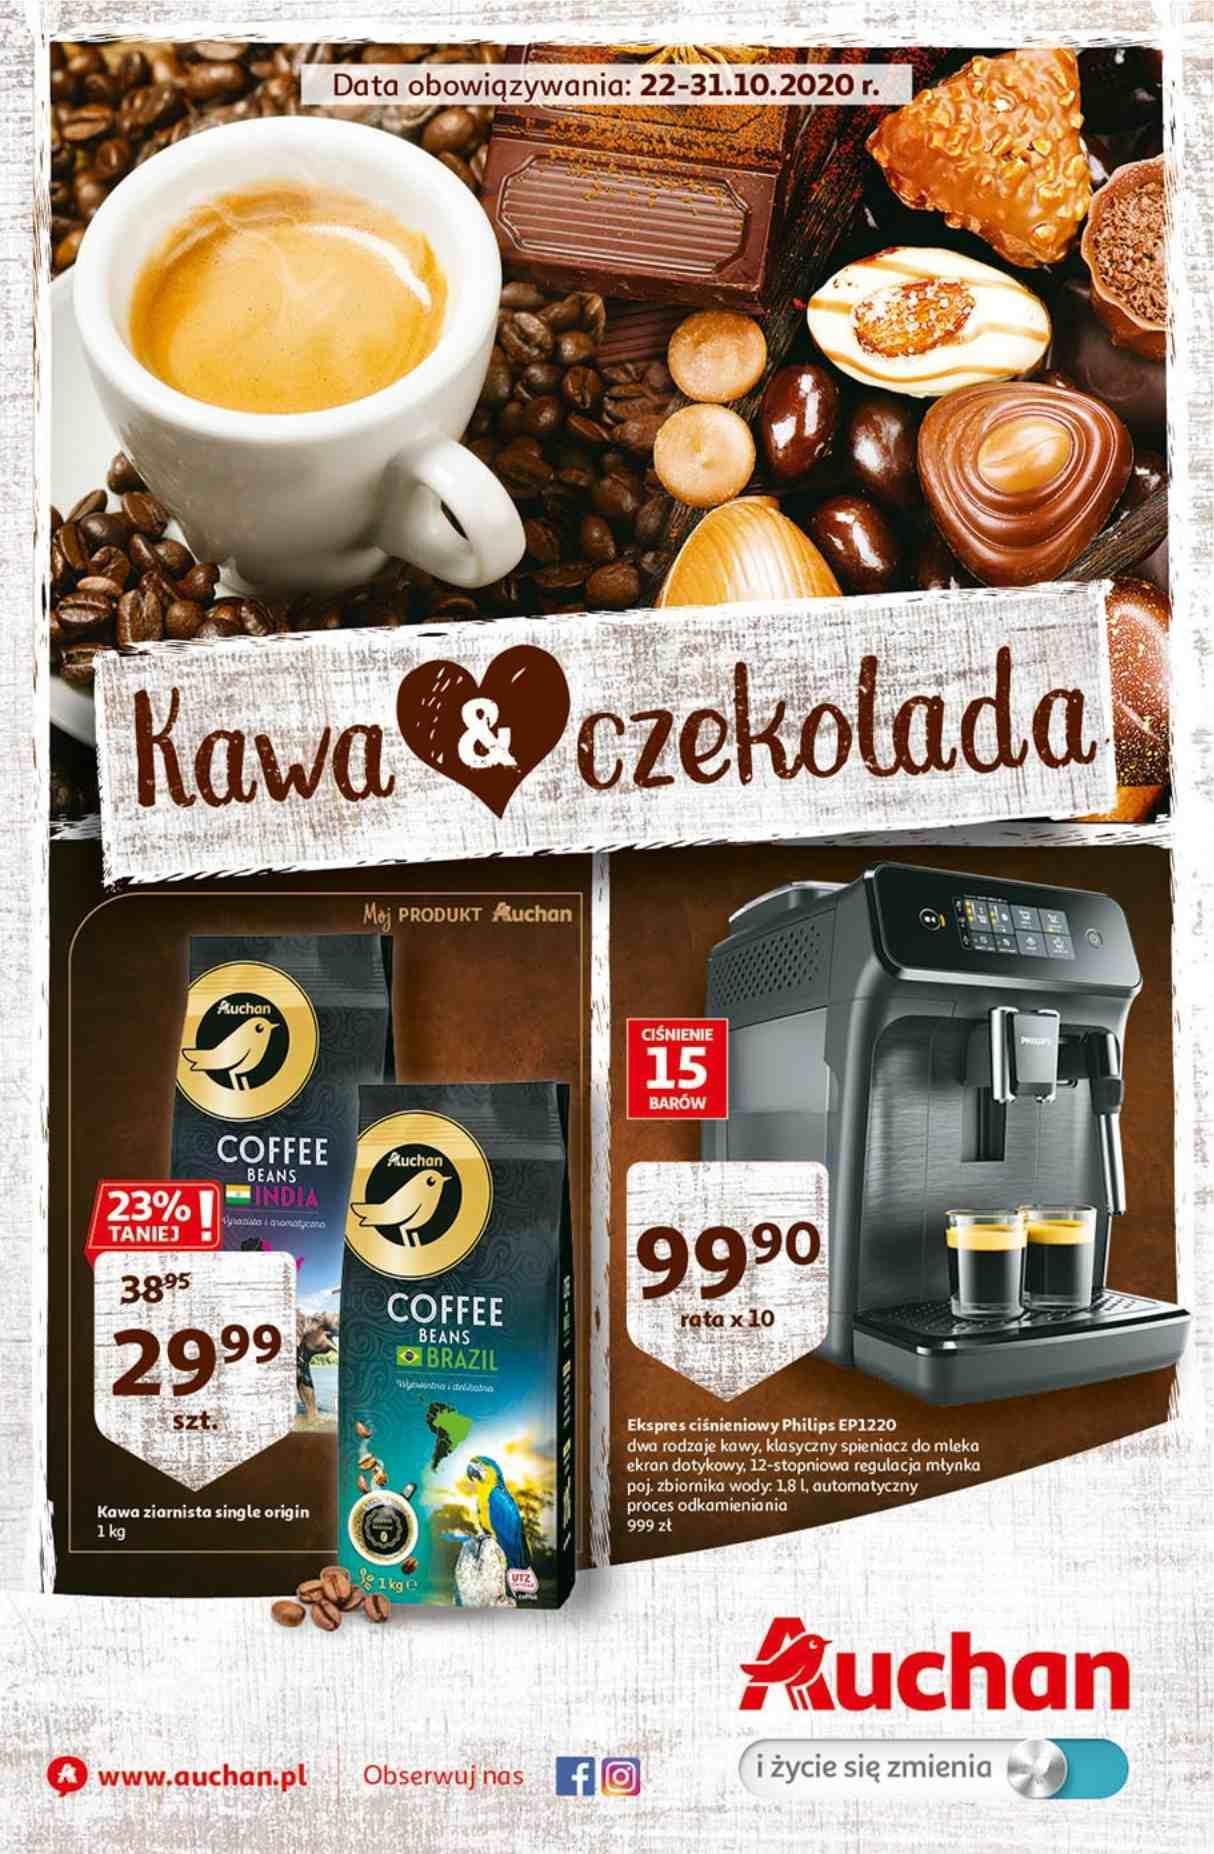 Gazetka promocyjna Auchan do 31/10/2020 str.1